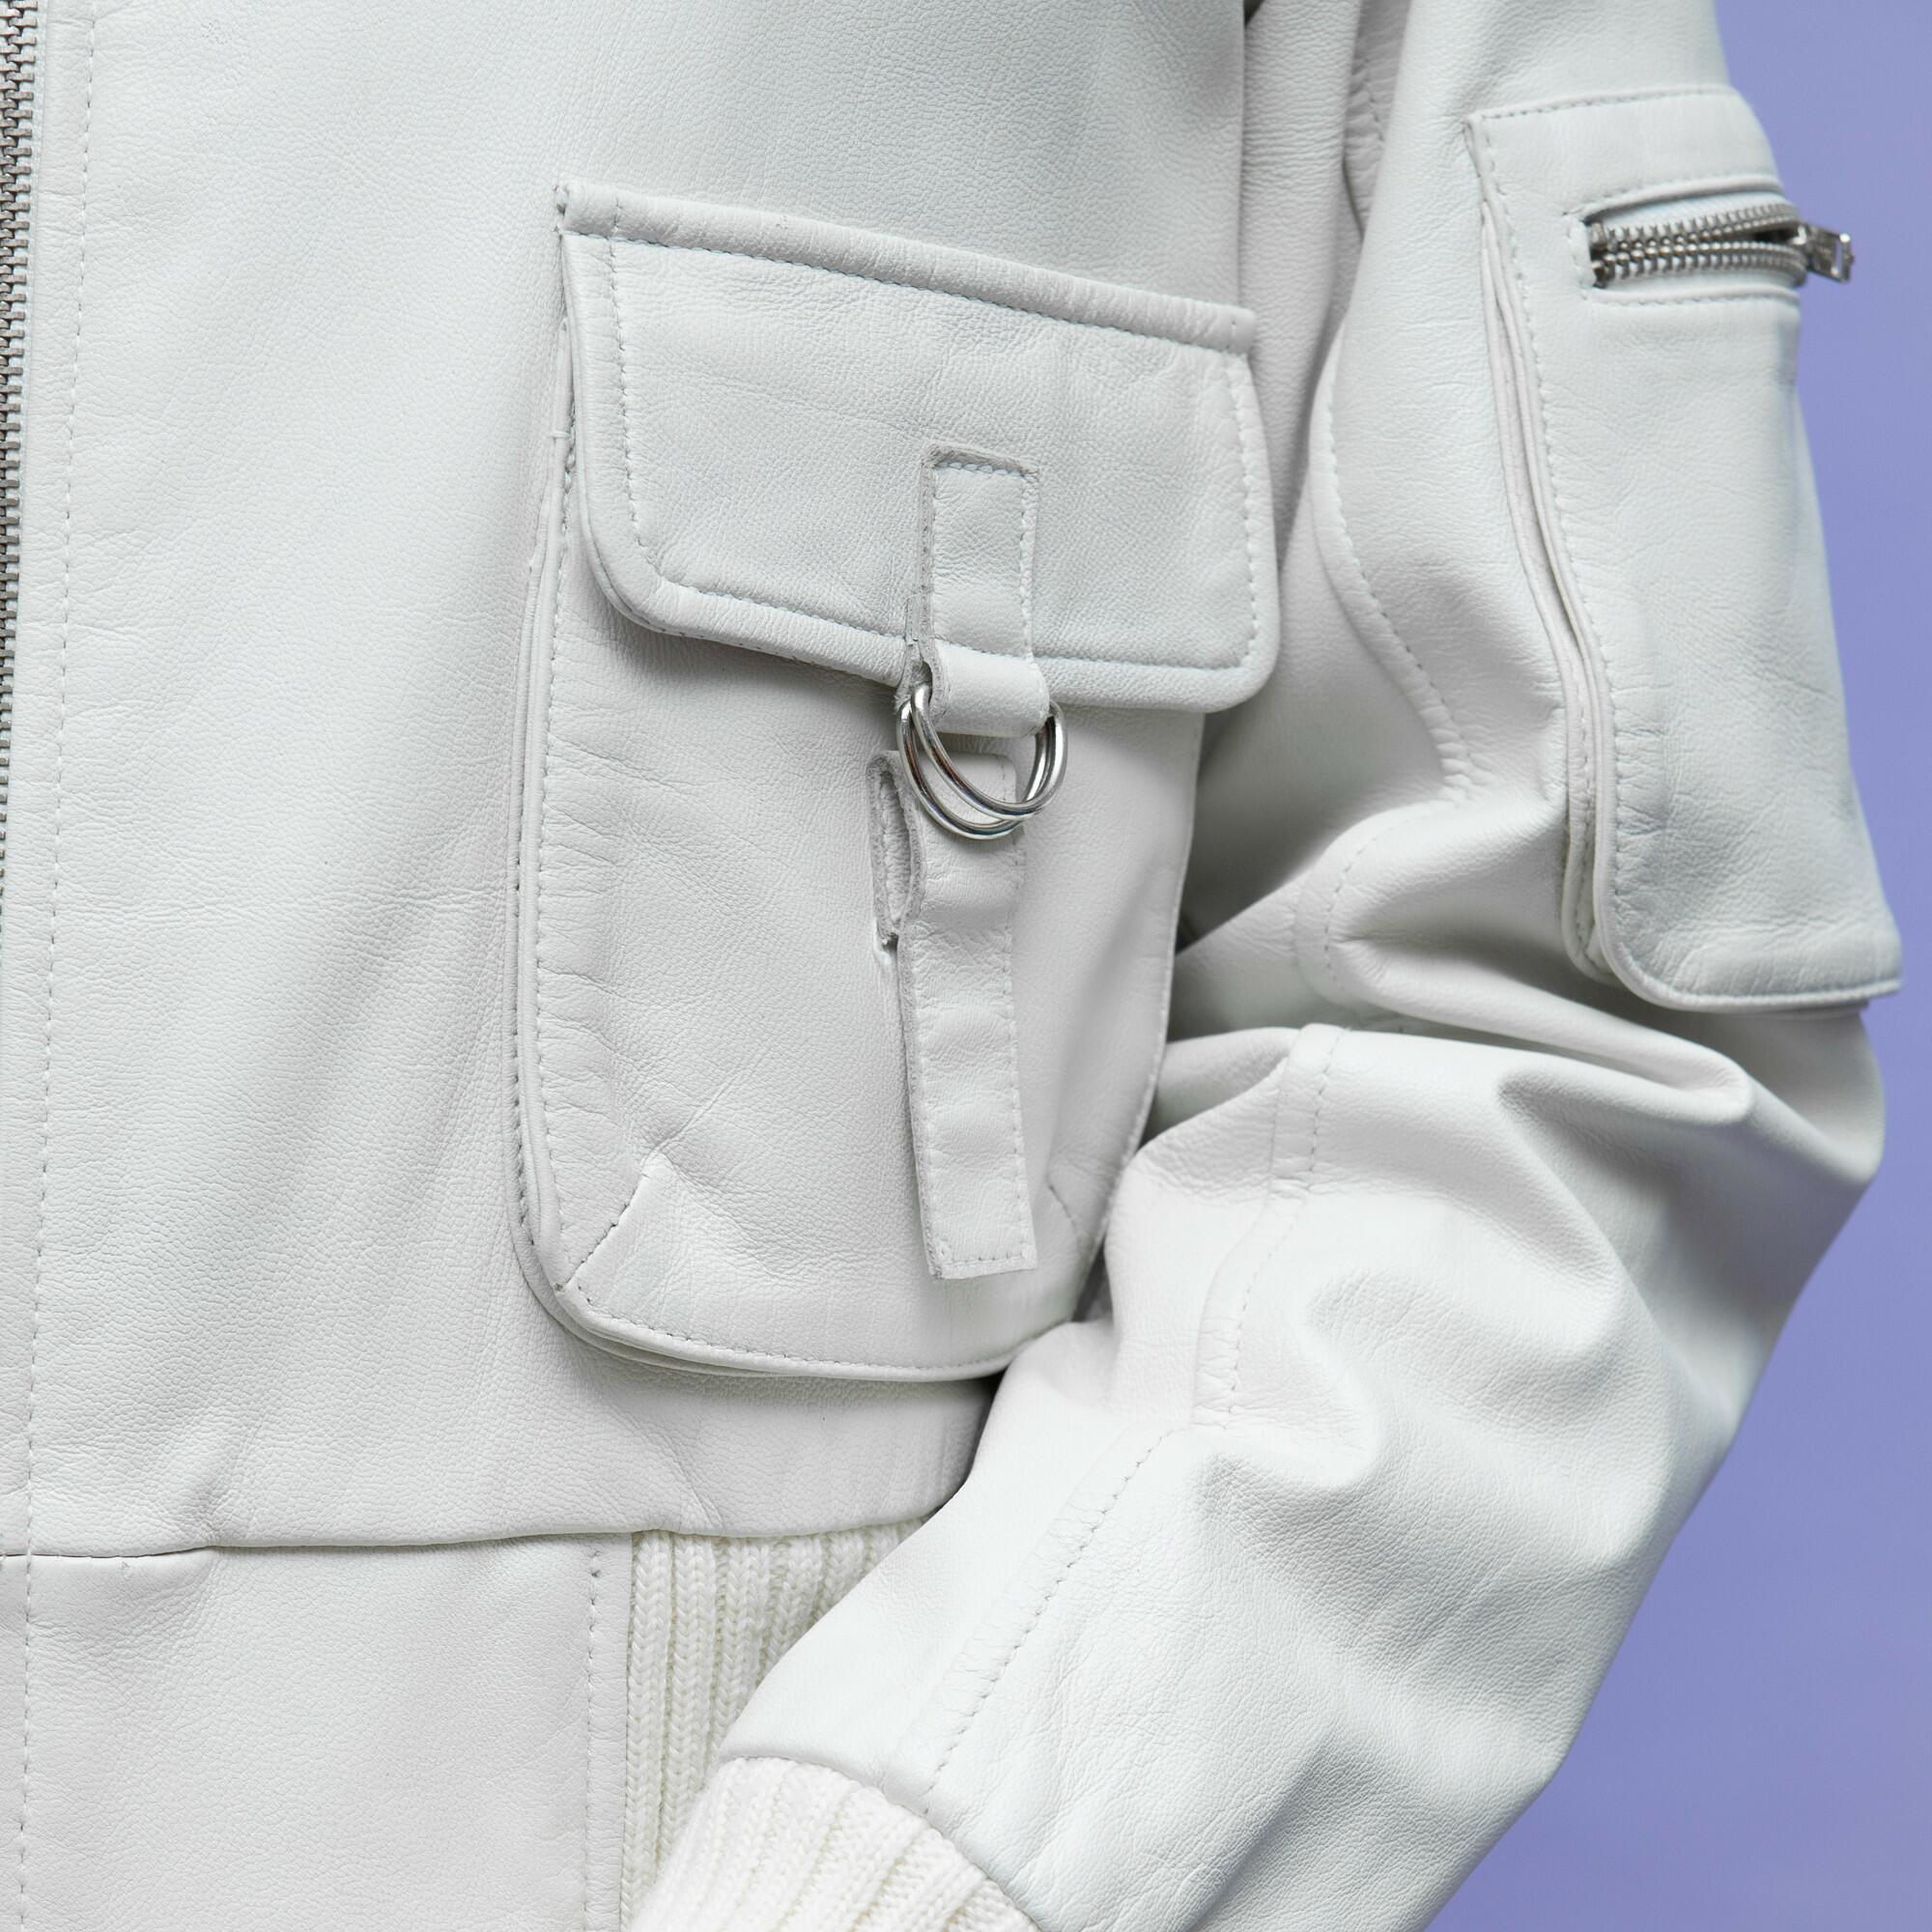 Biała kurtka ze skóry ze ściągaczem - KEX Vintage Store | JestemSlow.pl